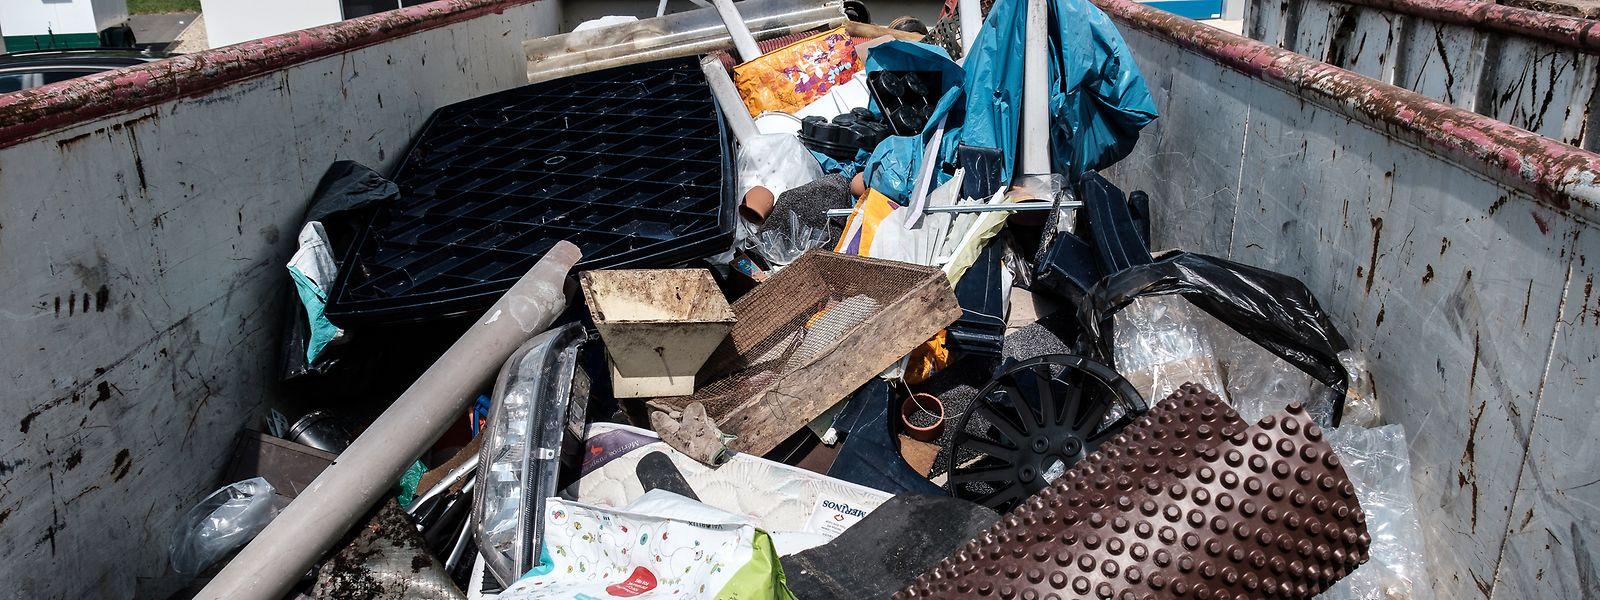 In den Müllcontainern landen nach wie vor riesige Mengen Plastik.